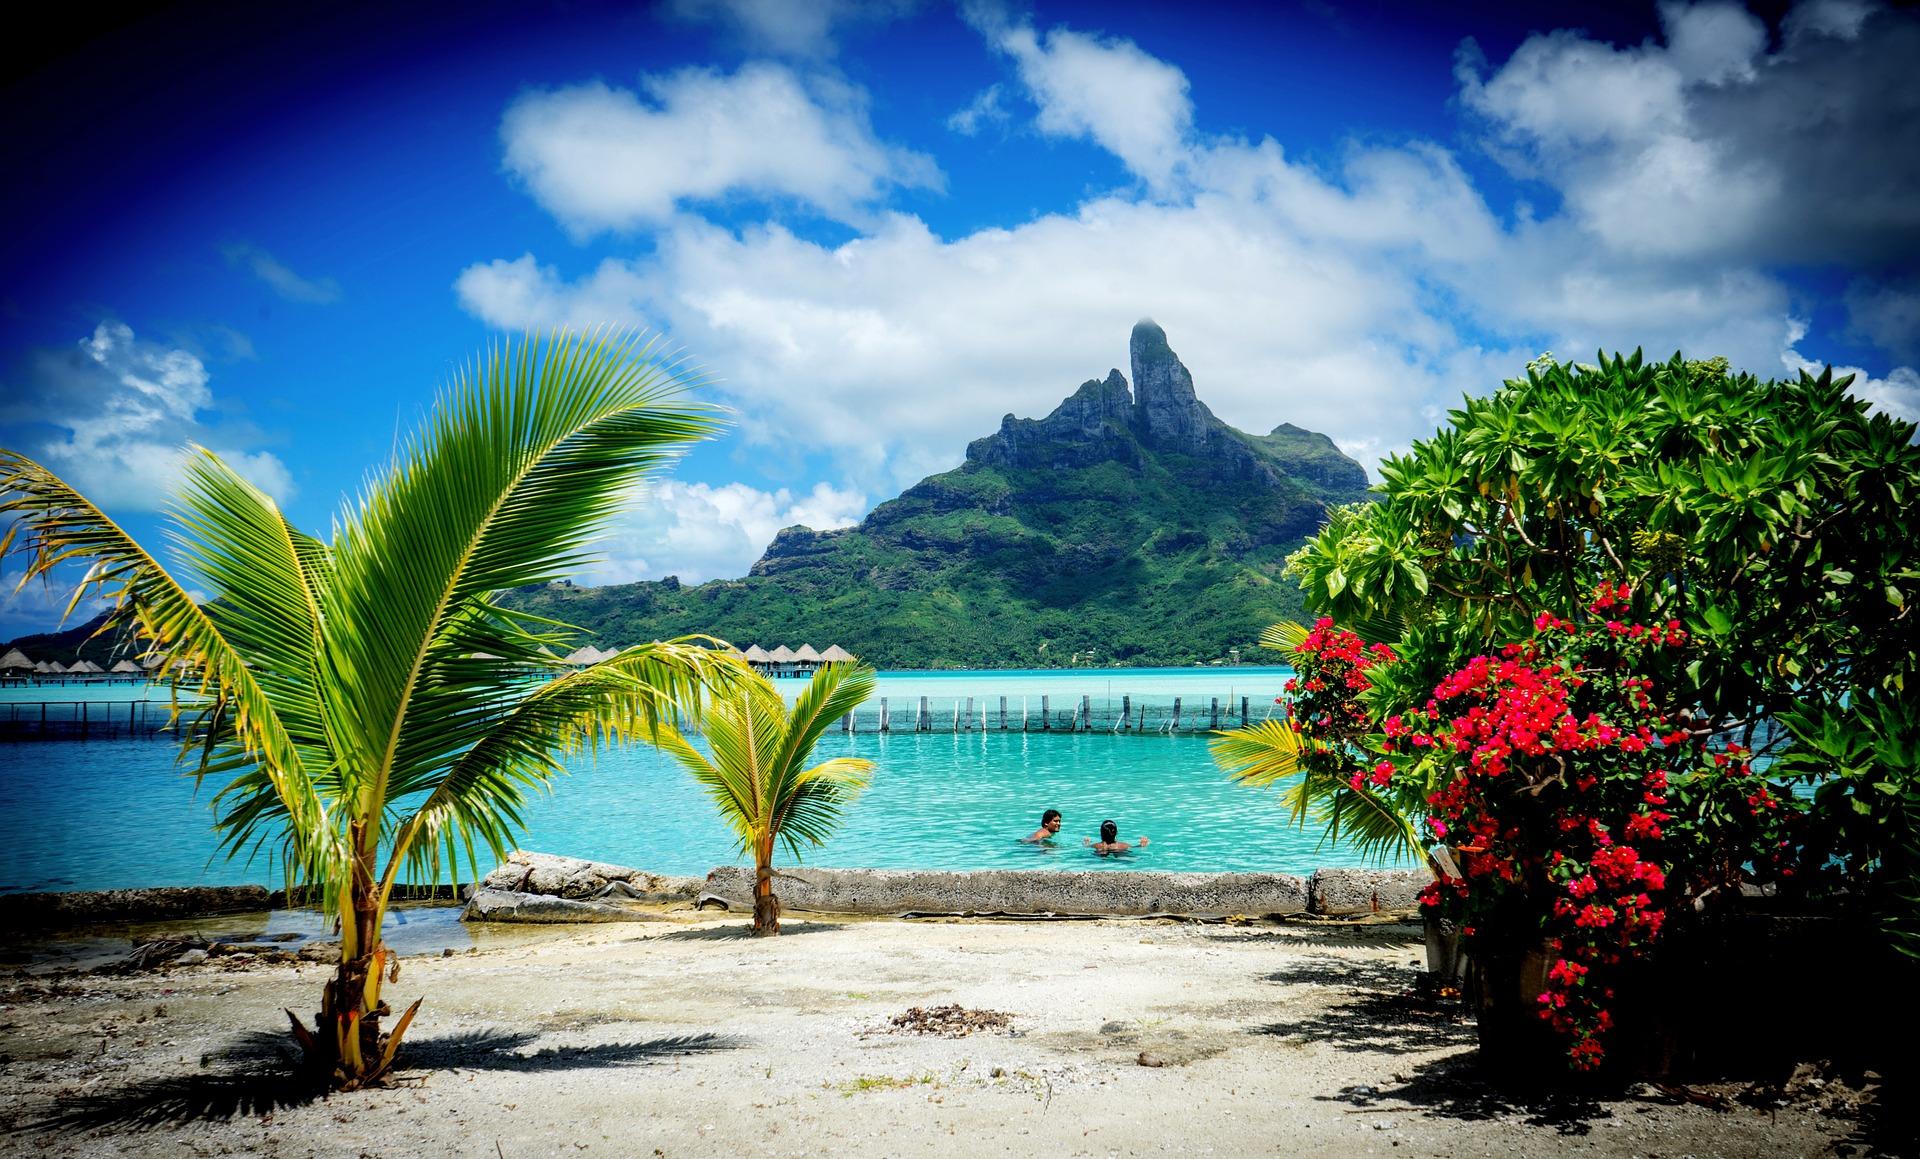 Tourisme en Outre-mer: La seconde rencontre nationale du tourisme en Outre-mer prévue le 25 septembre prochain